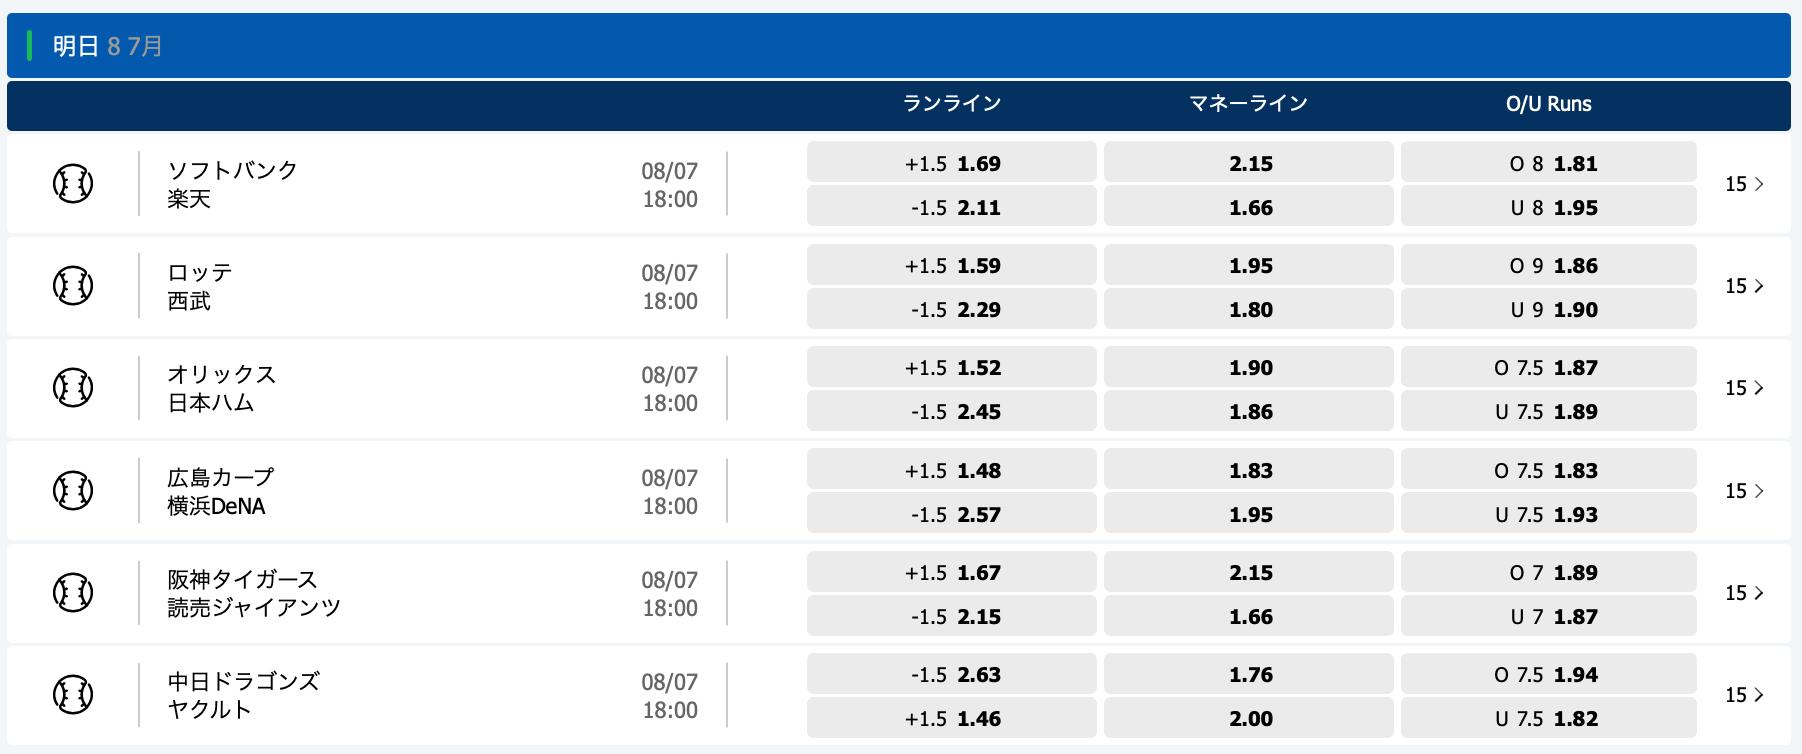 2020.7.8 プロ野球オッズ・10bet Japan